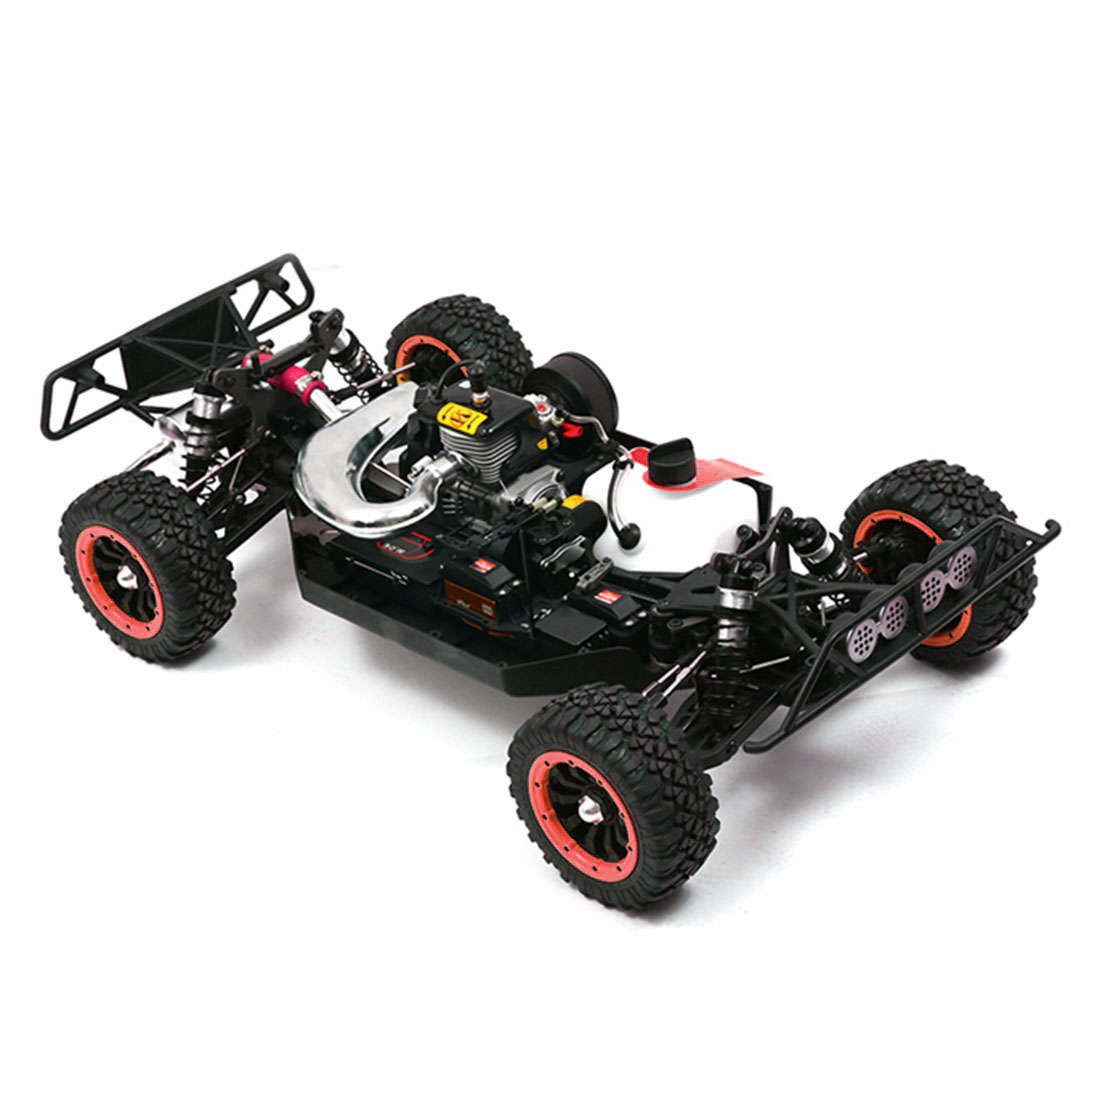 Высококачественные 1:5 весы, 2,4G, 4WD, высокая скорость, Радиоуправляемый, бензиновый, короткий, внедорожный автомобиль, лучший подарок, игрушки